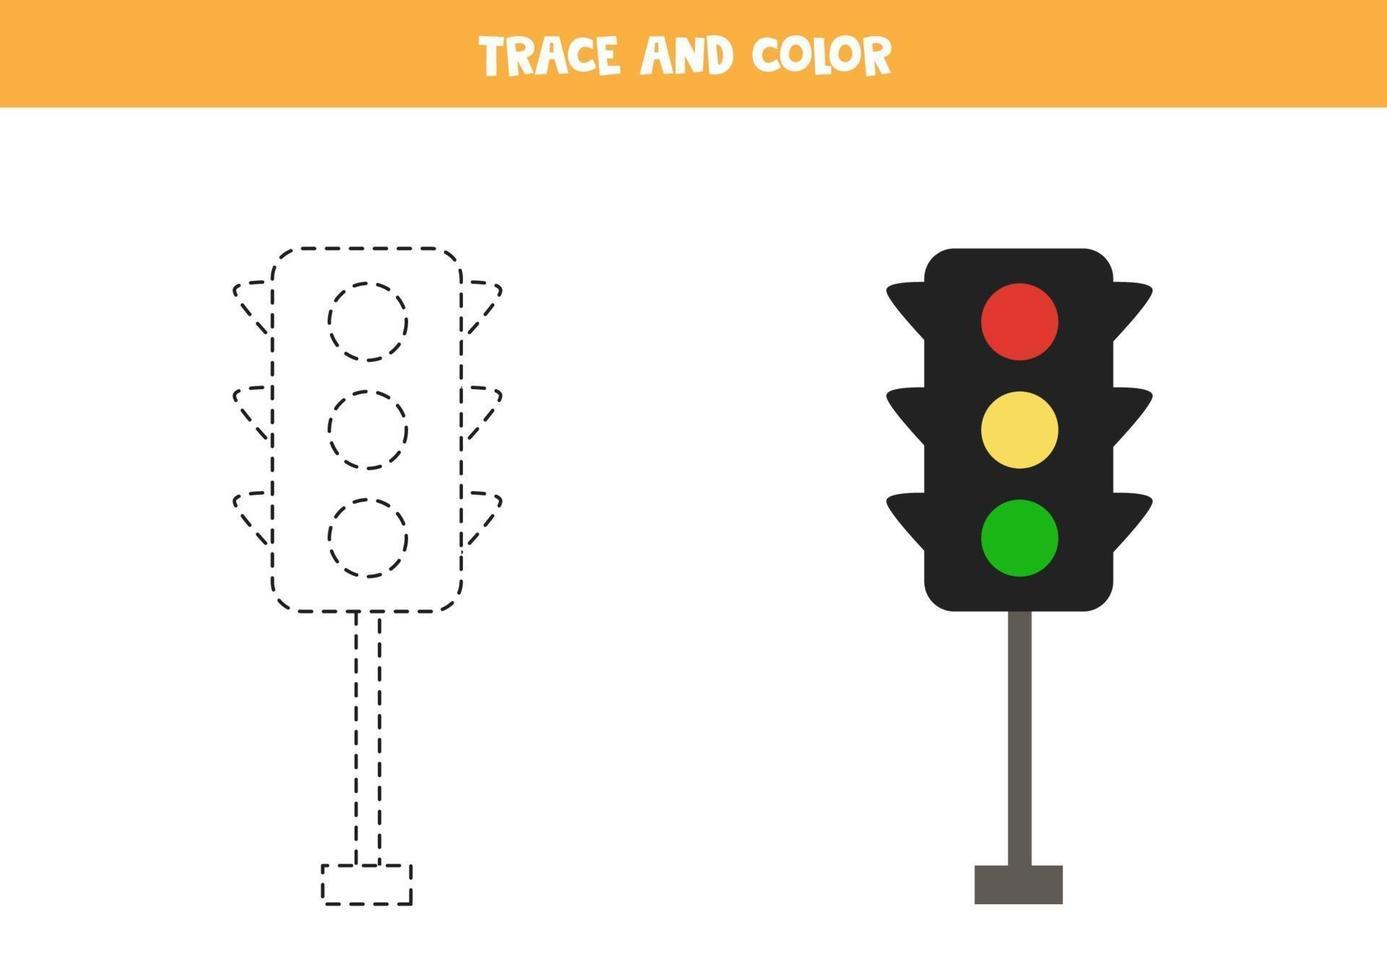 trace et couleur des feux de signalisation de dessin animé. feuille de calcul de l'espace pour les enfants. vecteur